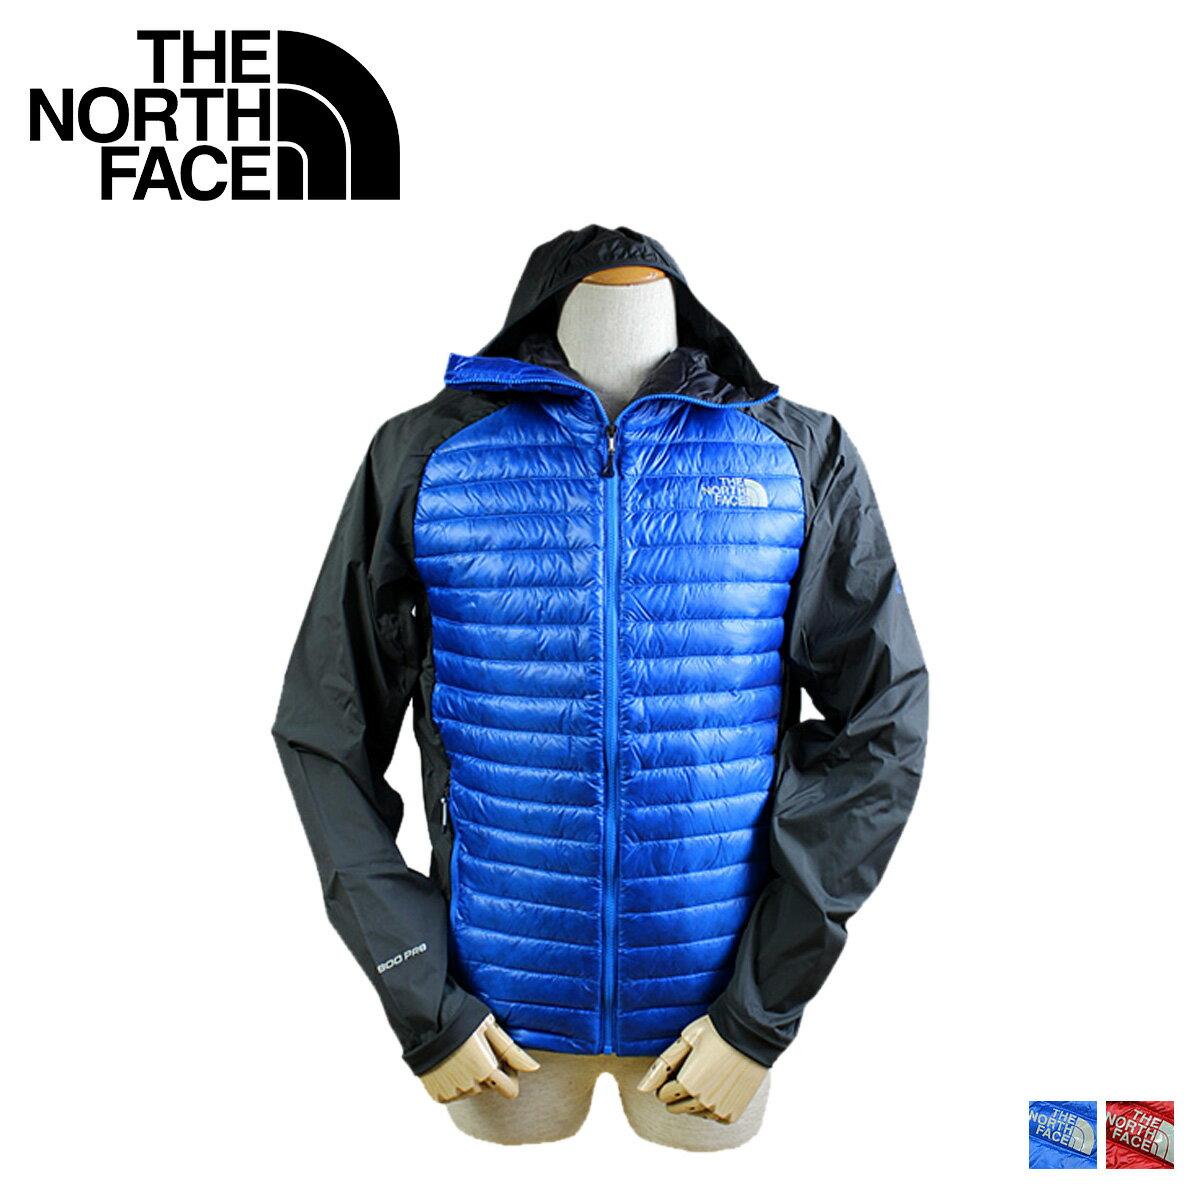 THE NORTH FACE ノースフェイス ダウンジャケット MEN'S VERTO MICRO HOODIE メンズ 【決算セール】